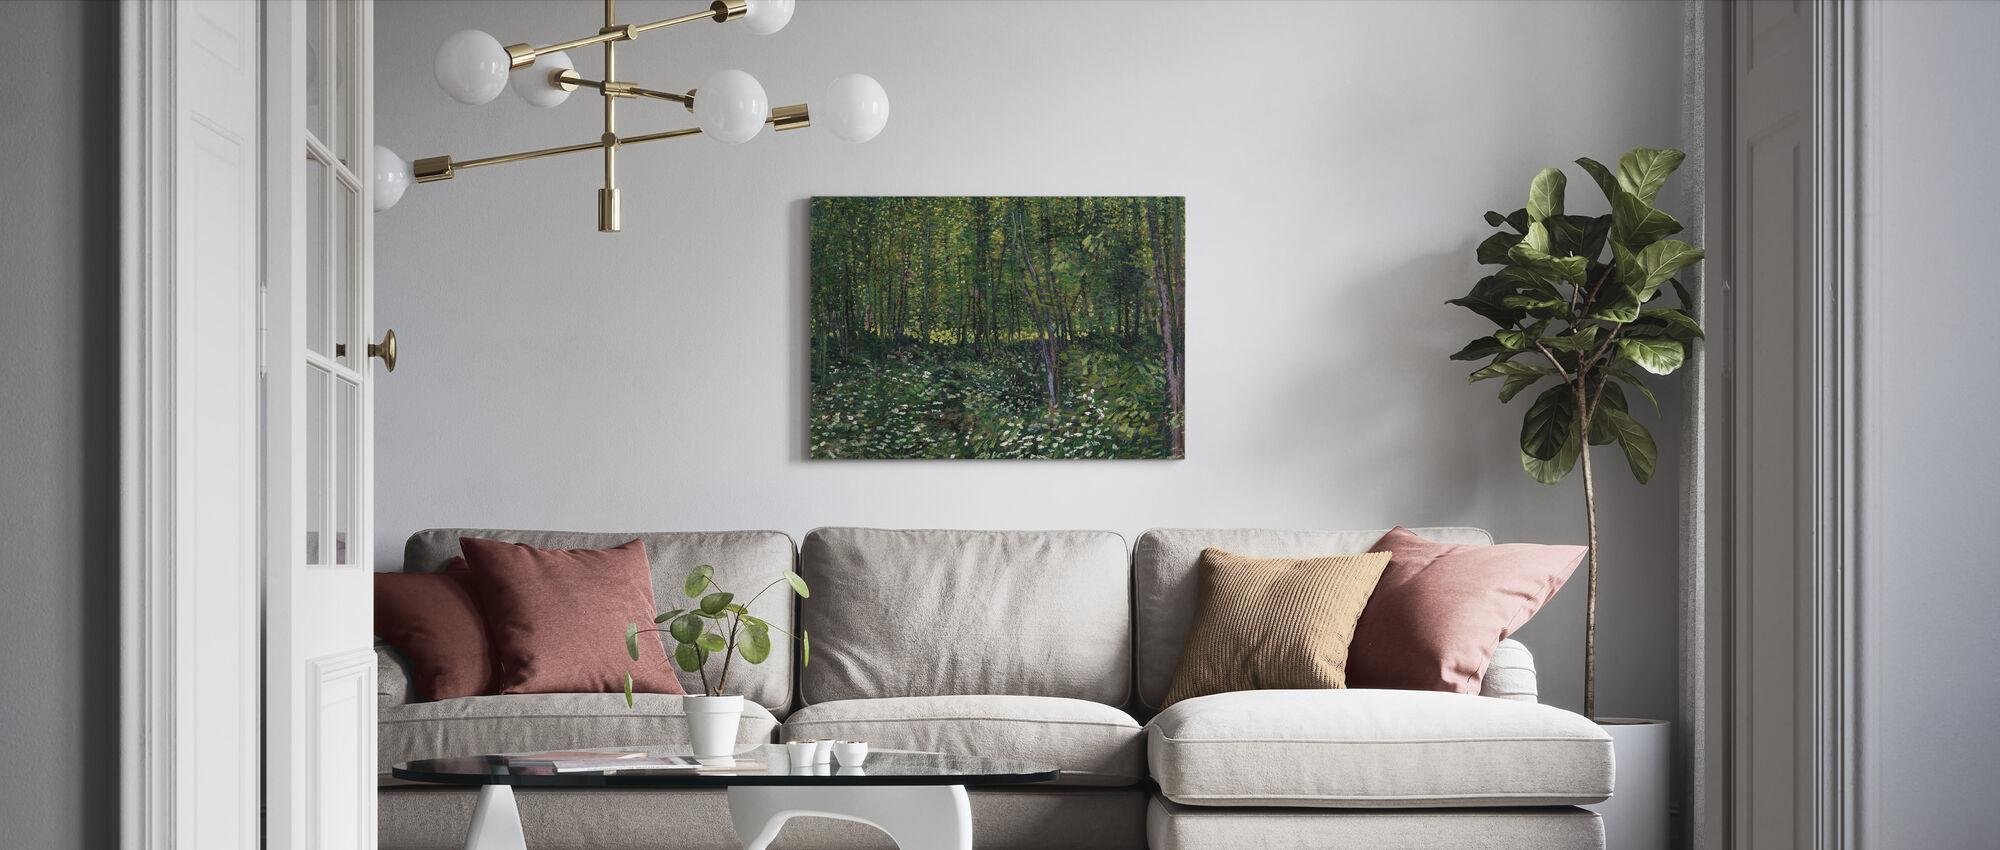 Puut ja aluskasvit - Canvastaulu - Olohuone